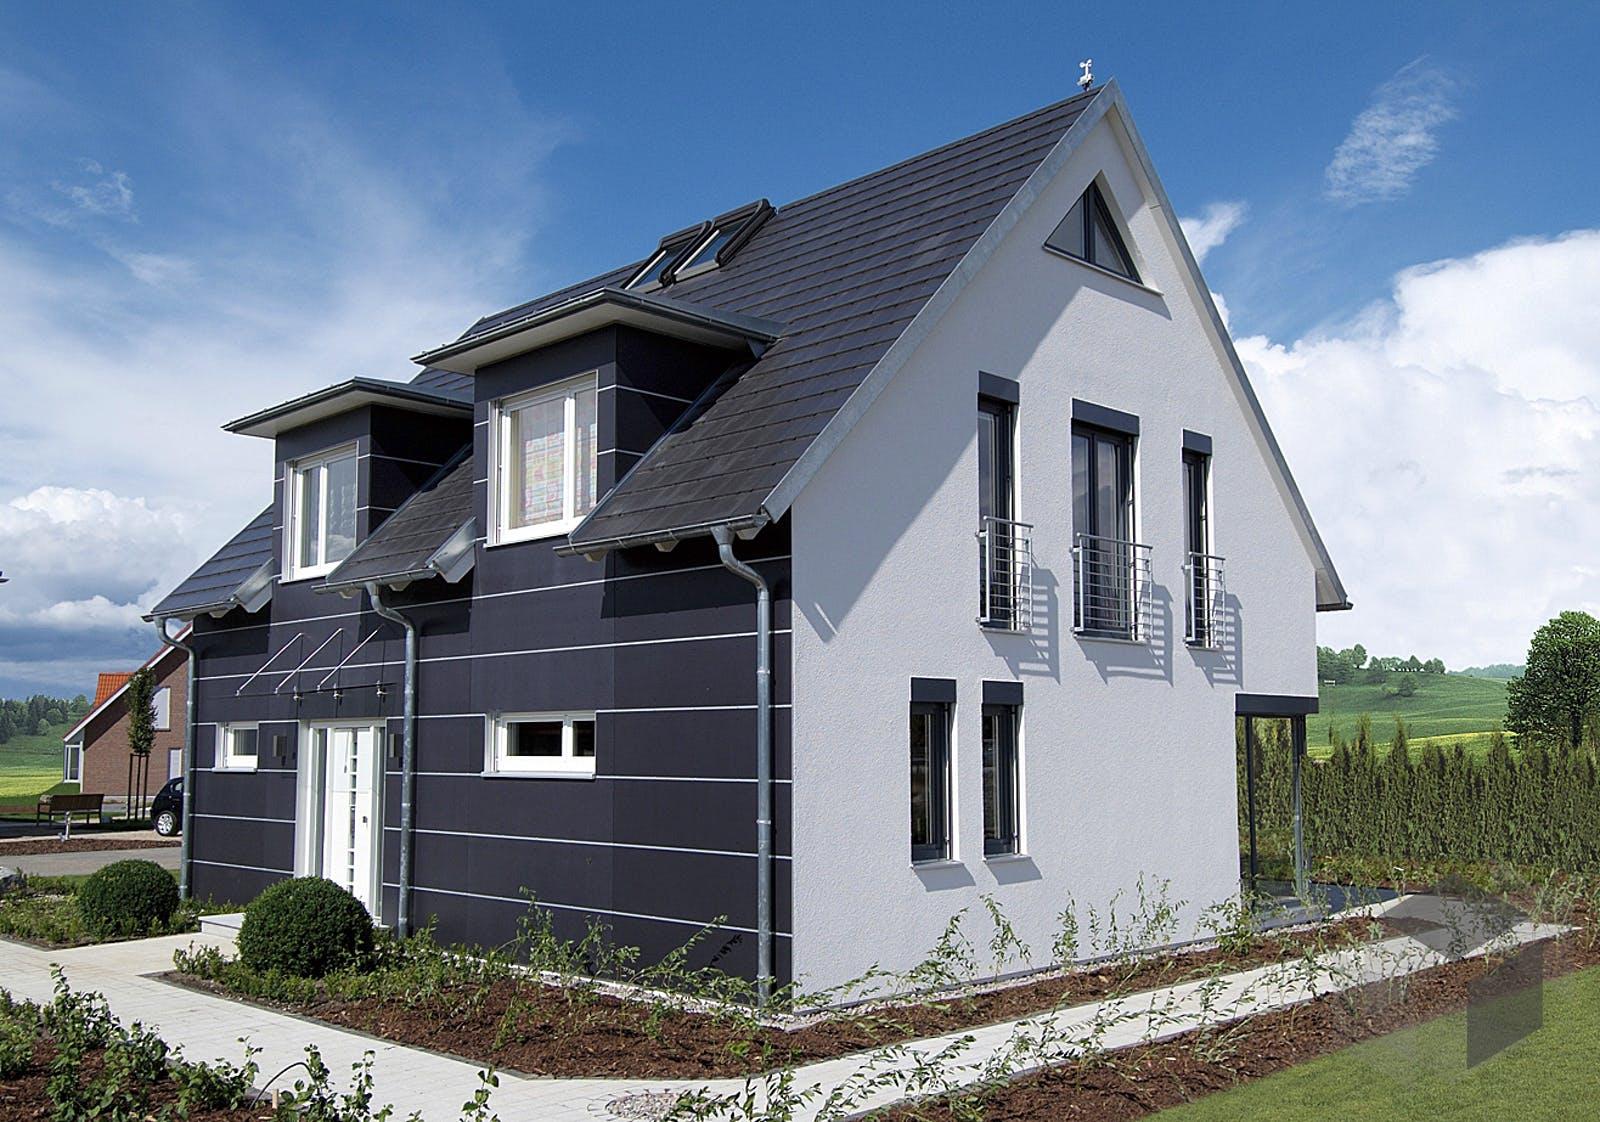 mh hannover von luxhaus komplette daten bersicht. Black Bedroom Furniture Sets. Home Design Ideas